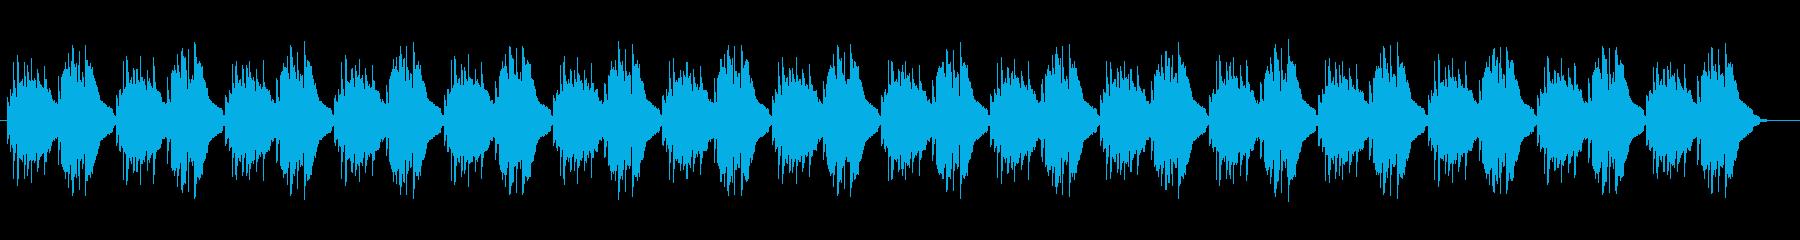 木琴によるリラクゼーションミュージックの再生済みの波形